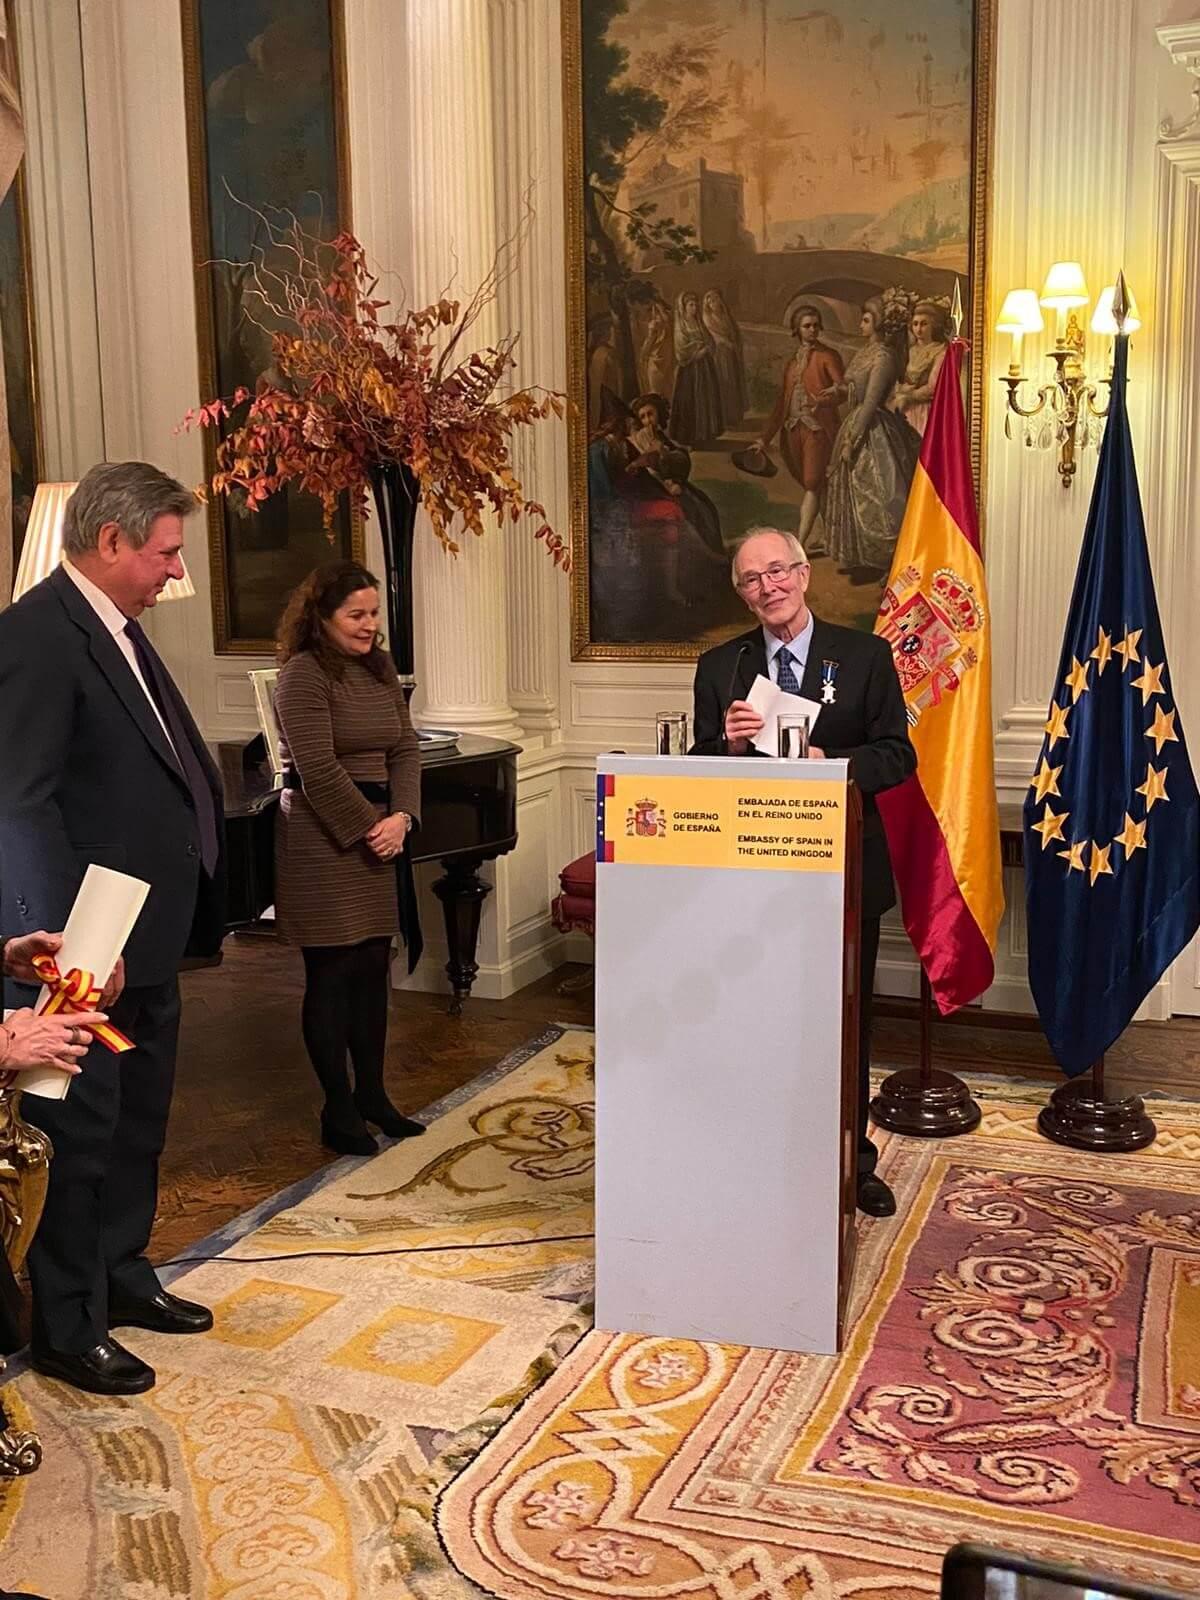 Ignacio charity award3